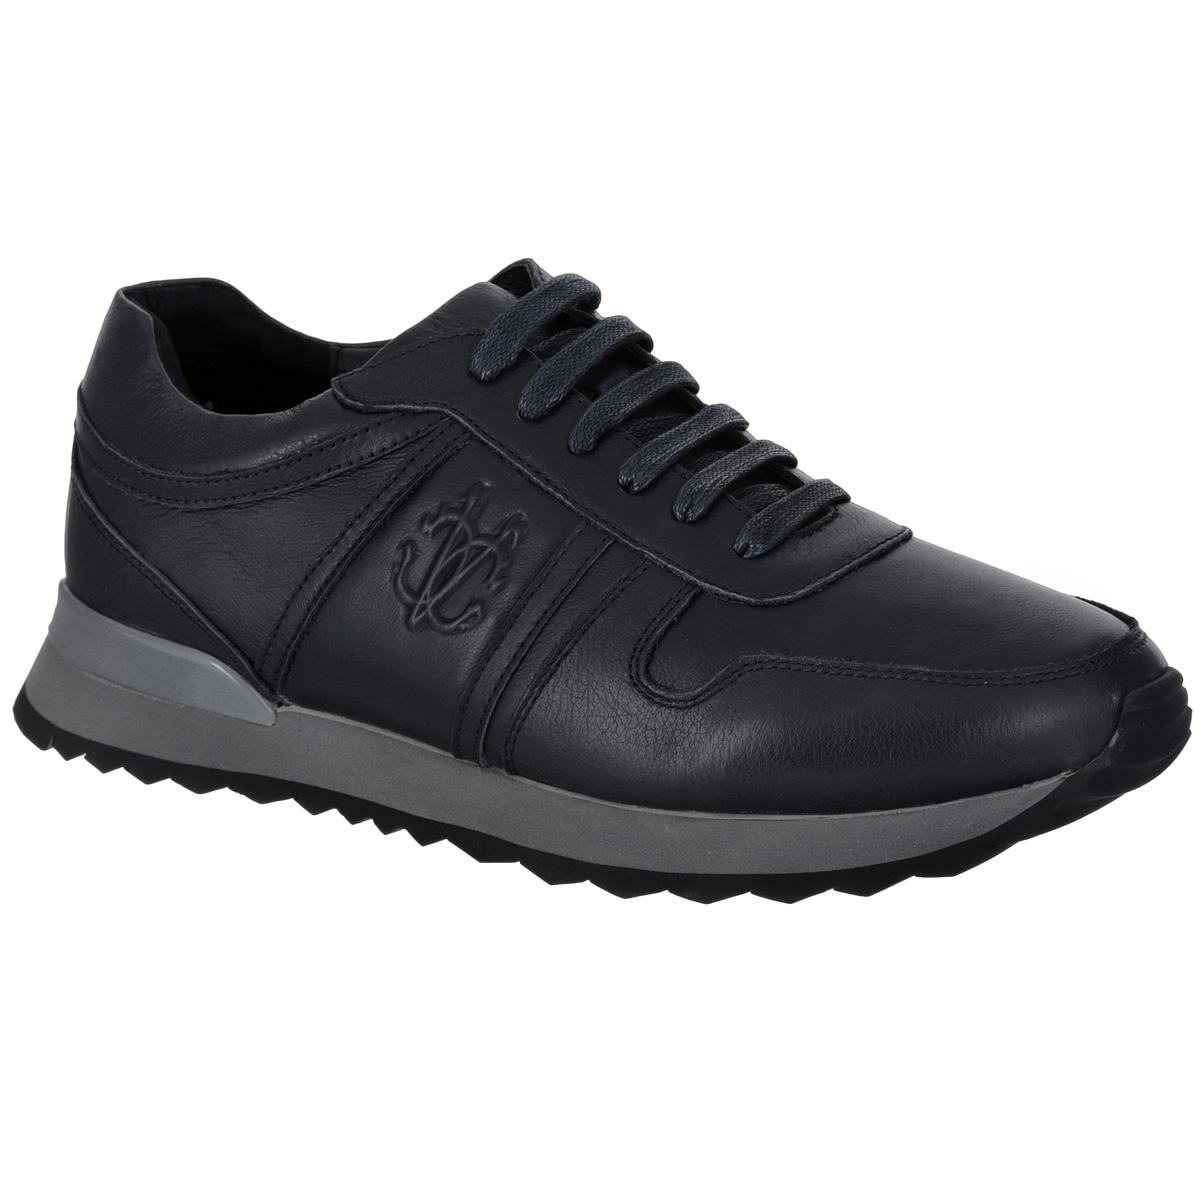 Кроссовки мужские. M23055M23055Модные мужские кроссовки Vitacci займут достойное место в вашем гардеробе. Модель выполнена из натуральной кожи и оформлена декоративным тиснением под рептилию, сбоку - конгревом в виде логотипа бренда. Шнуровка прочно зафиксирует обувь на вашей ноге. Усиленный мыс для более надежной защиты. Съемная стелька EVA с поверхностью из натуральной кожи обеспечивает превосходную амортизацию и комфорт. Подошва с рифлением гарантирует идеальное сцепление с различными поверхностями. Невероятно стильные кроссовки отлично дополнят ваш модный образ.